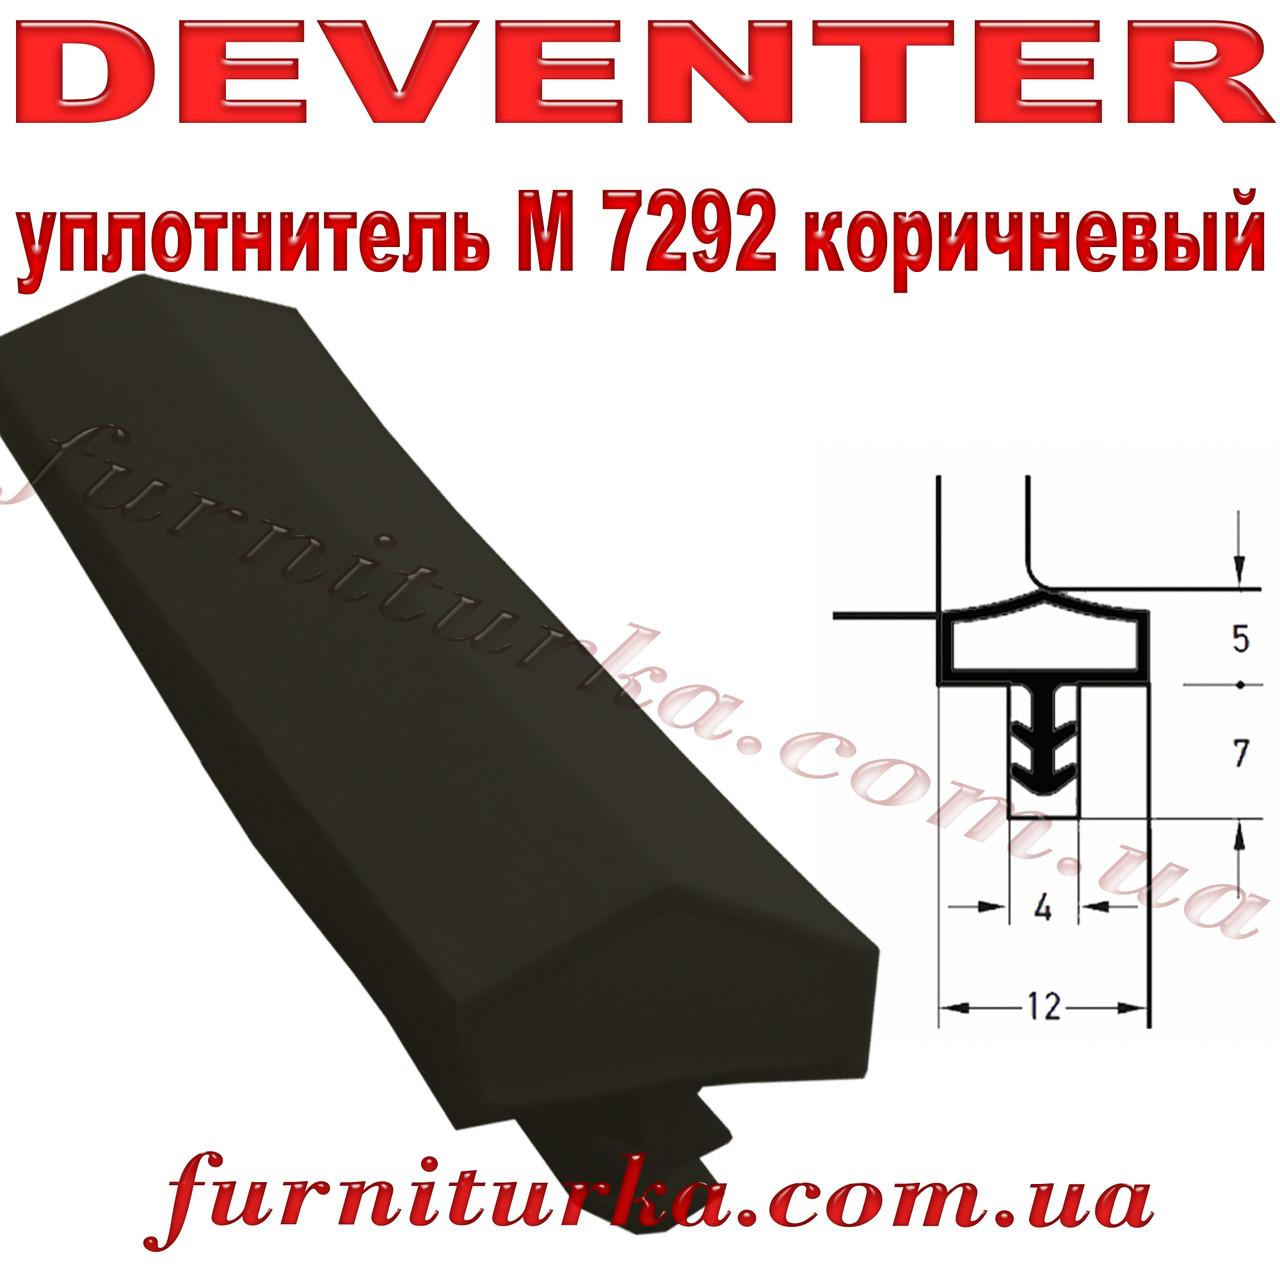 Уплотнитель дверной Deventer М 7292 коричневый